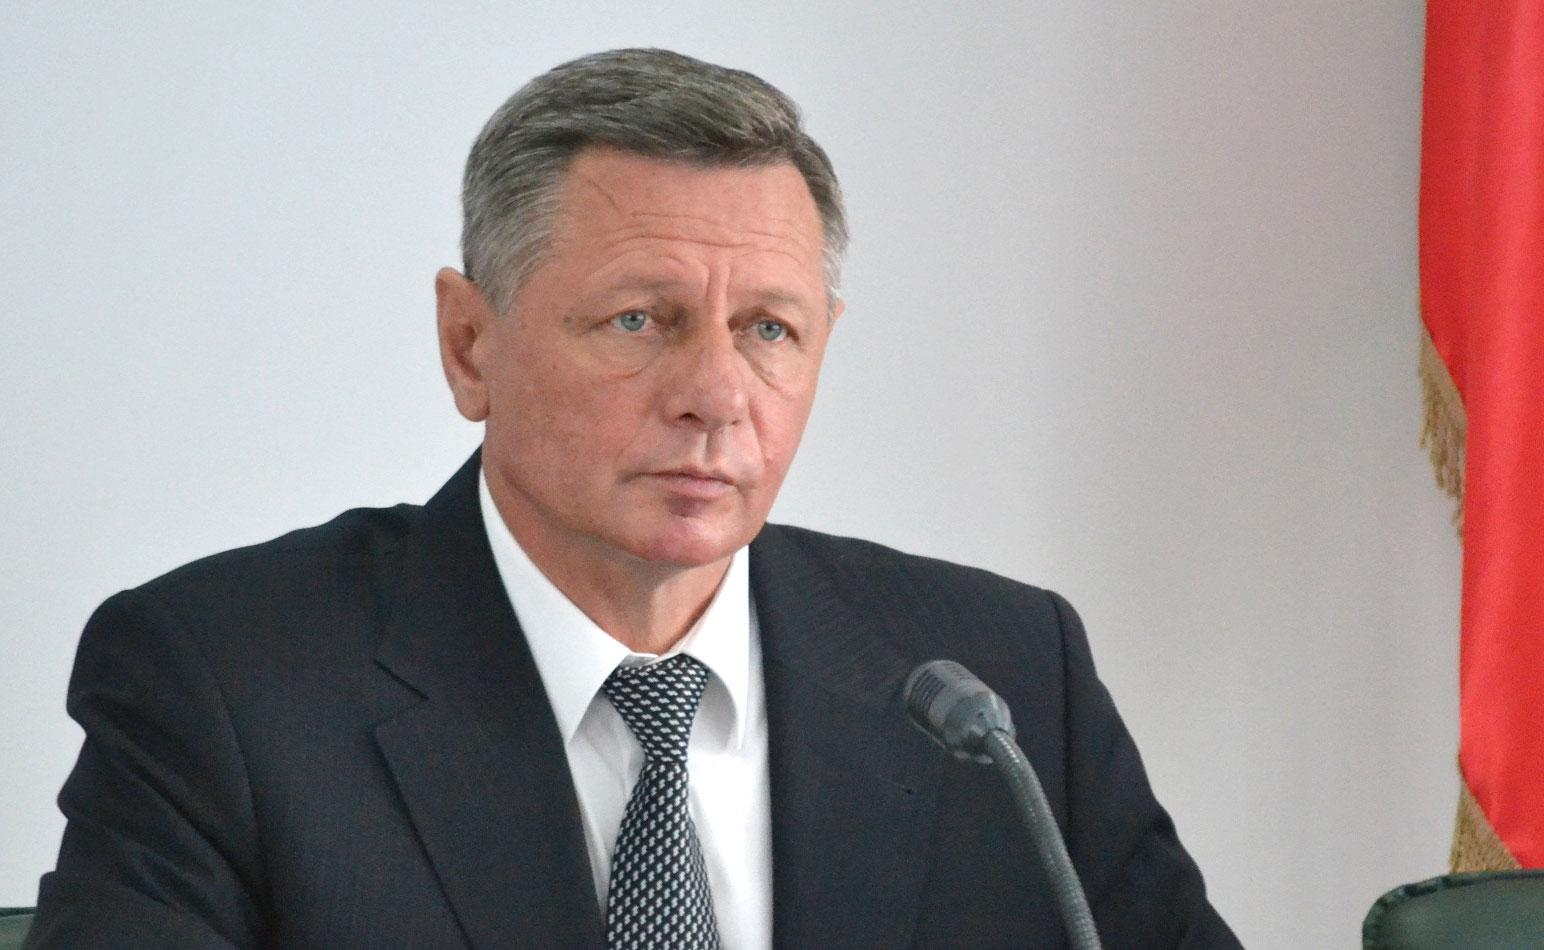 Микола Романюк: Бюджет 2017 року - складний, але у нас є багато завдань, які маємо виконати